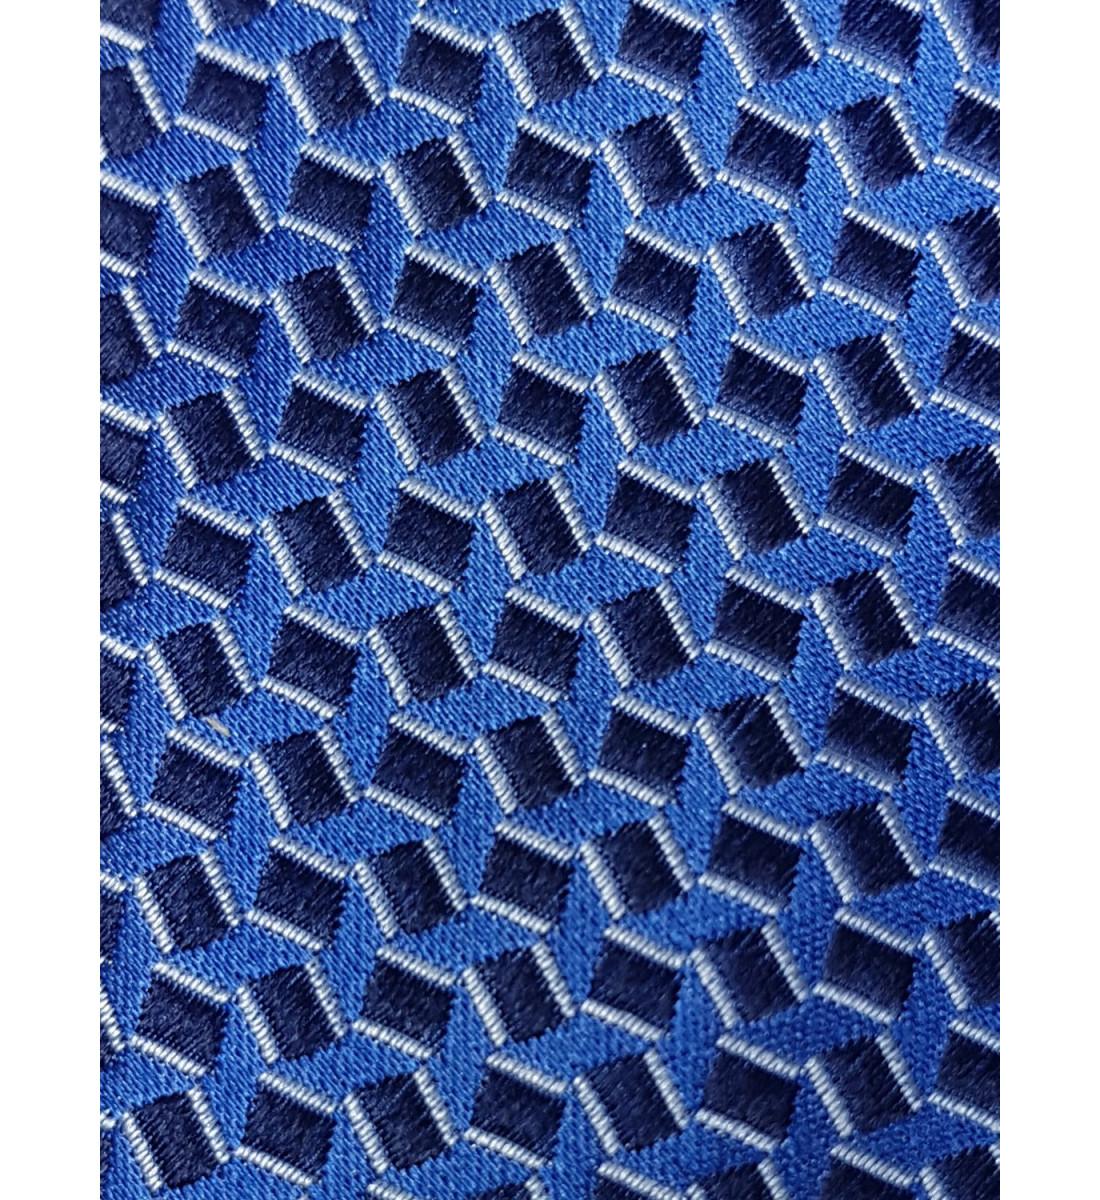 Cravate fine fantaisie 100% soie BLEU